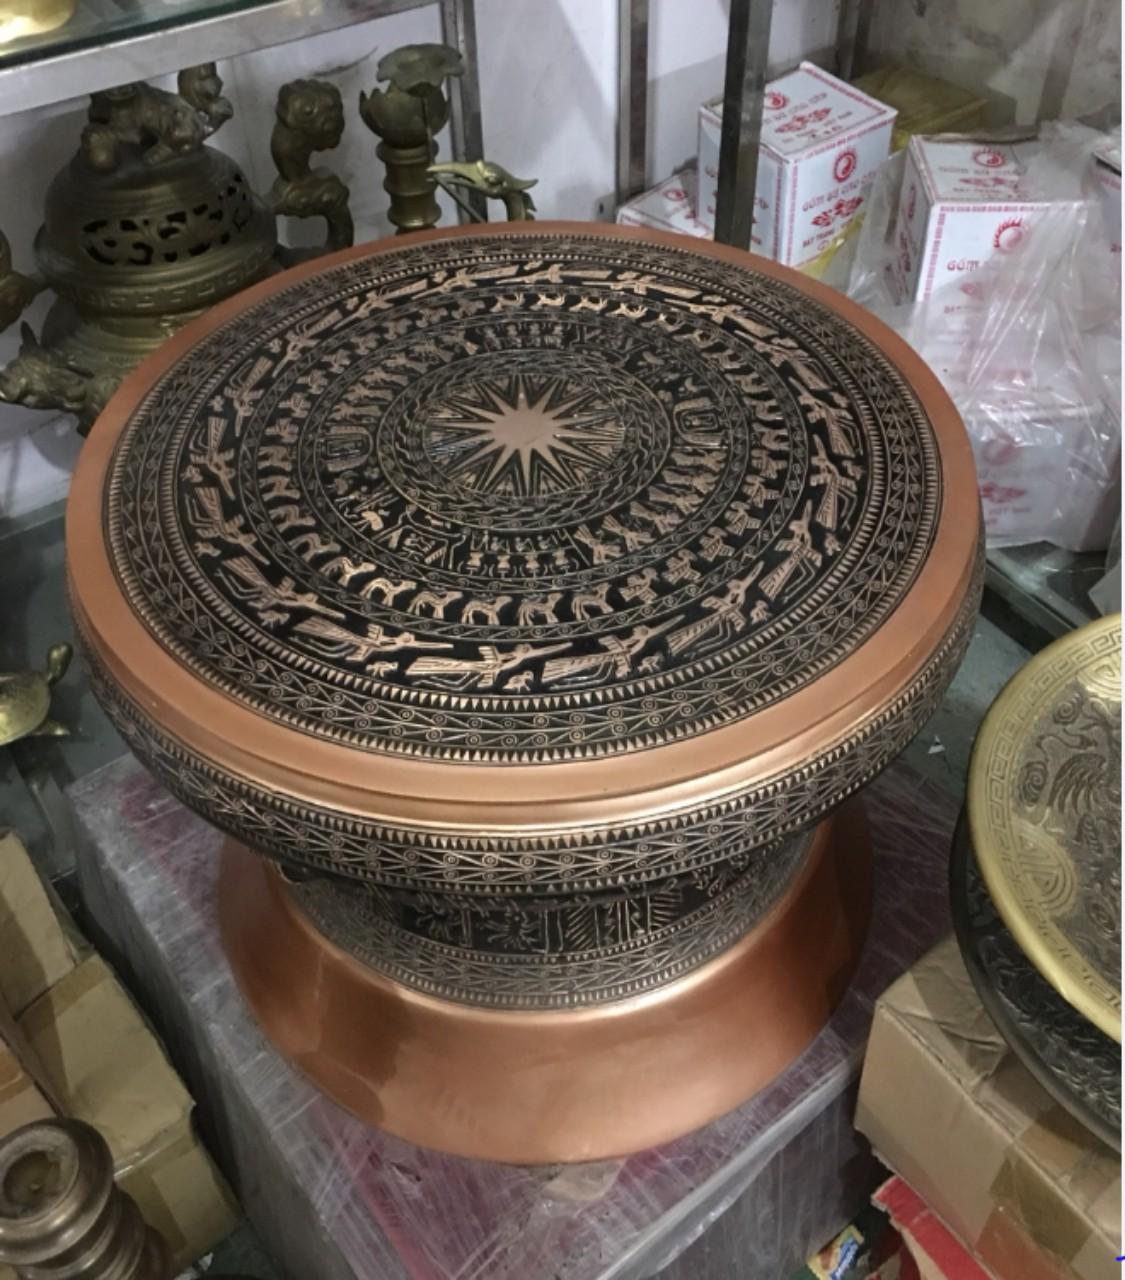 Trống đồng quà tặng, trống đồng Đông Sơn dk 50cm làm quà tặng lưu niệm